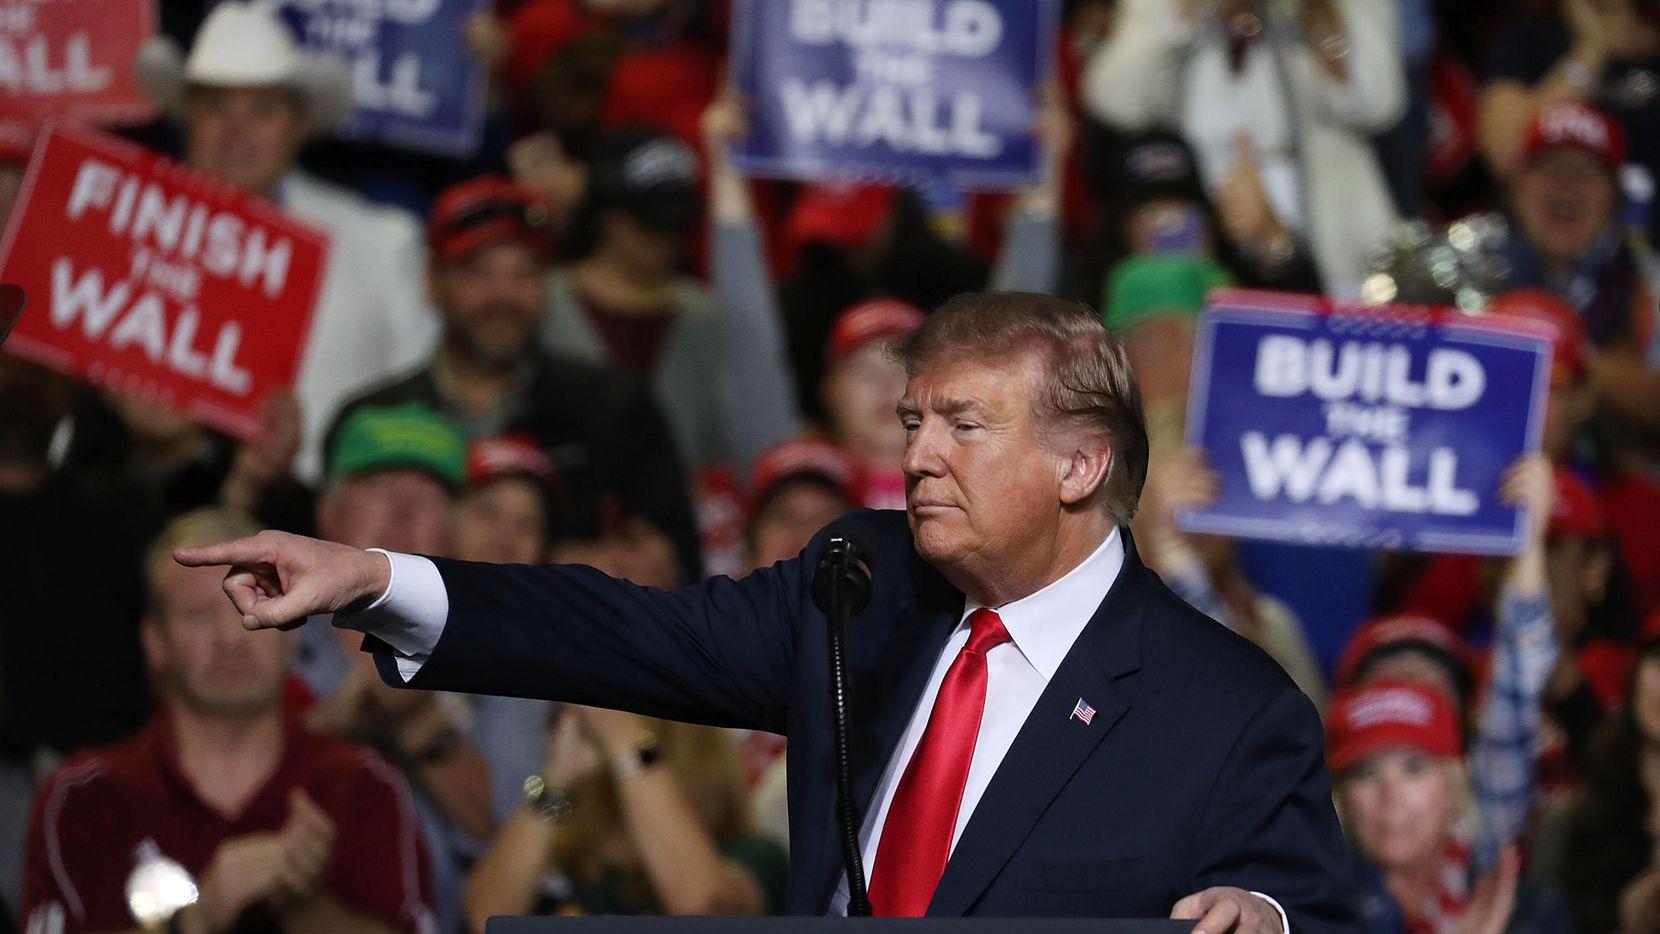 El presidente Donald Trump saluda a sus simpatizantes al llegar a El Paso, el lunes por la noche. (Getty Images/Joe Raedle)